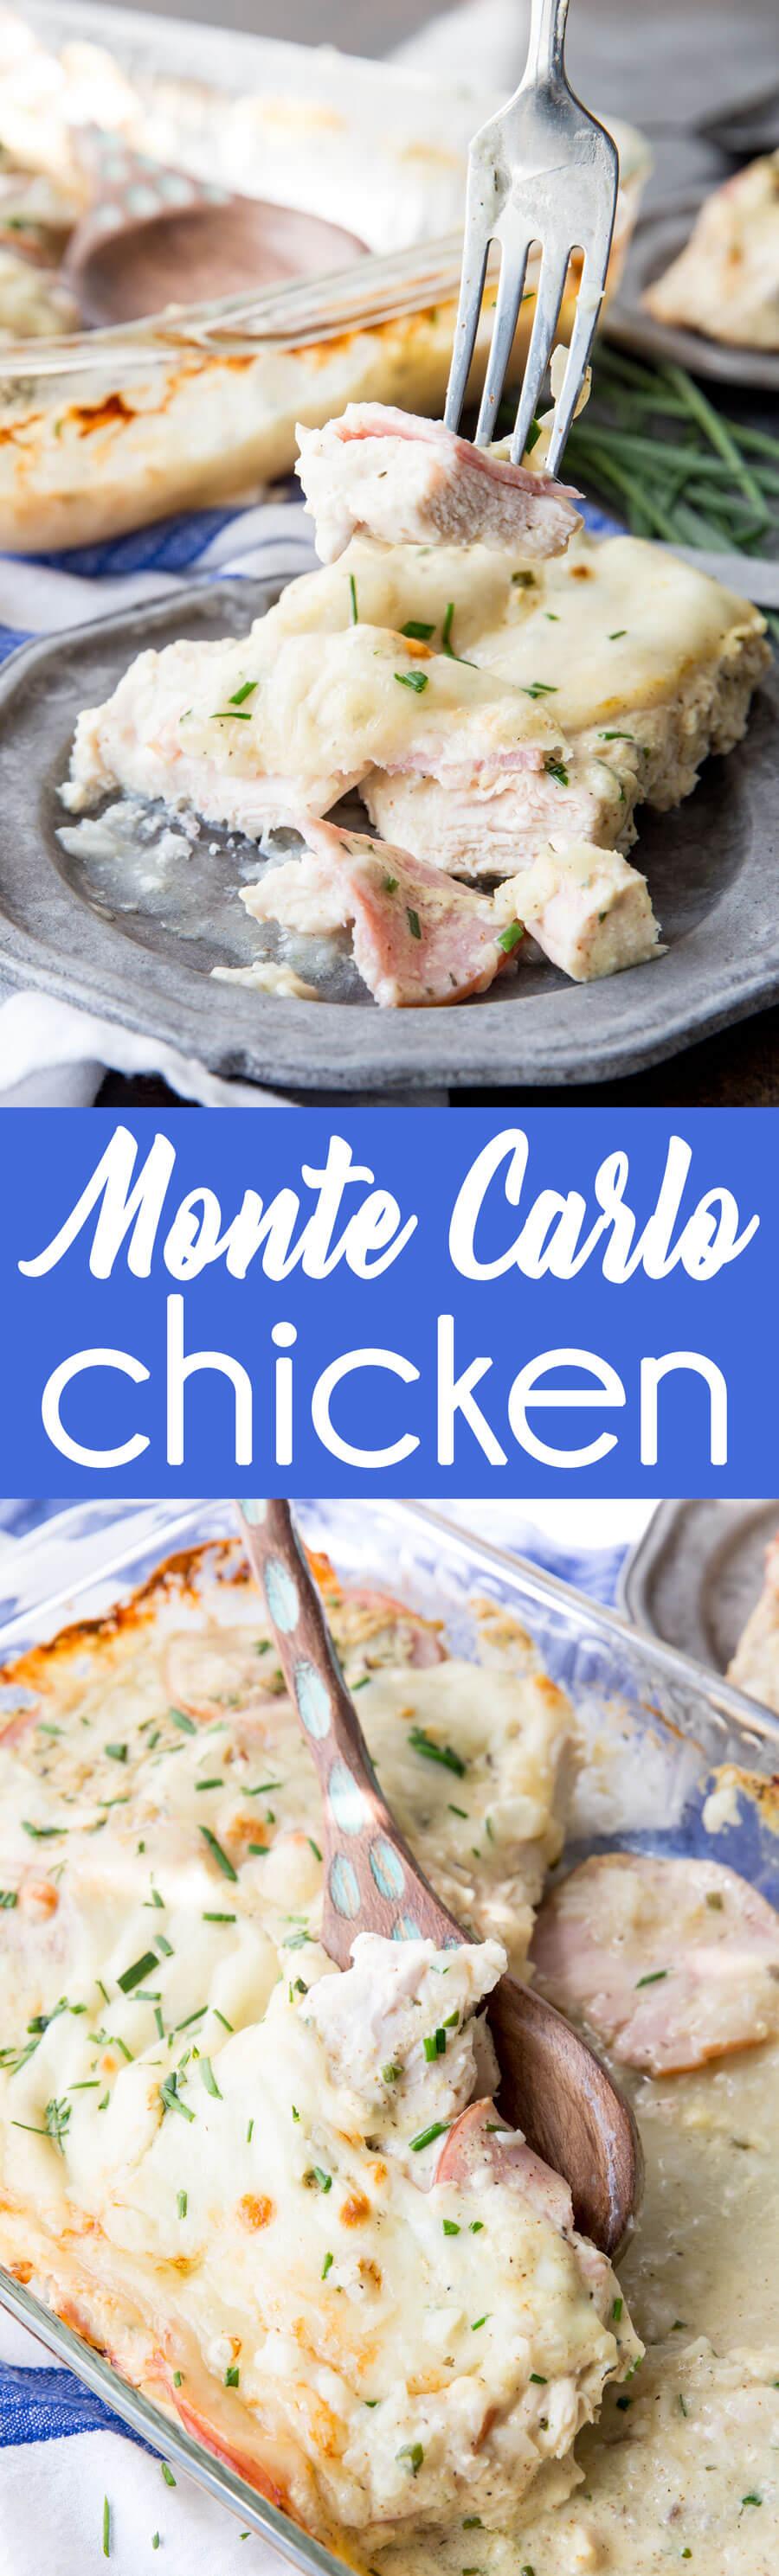 Monte Carlo Chicken Dinner